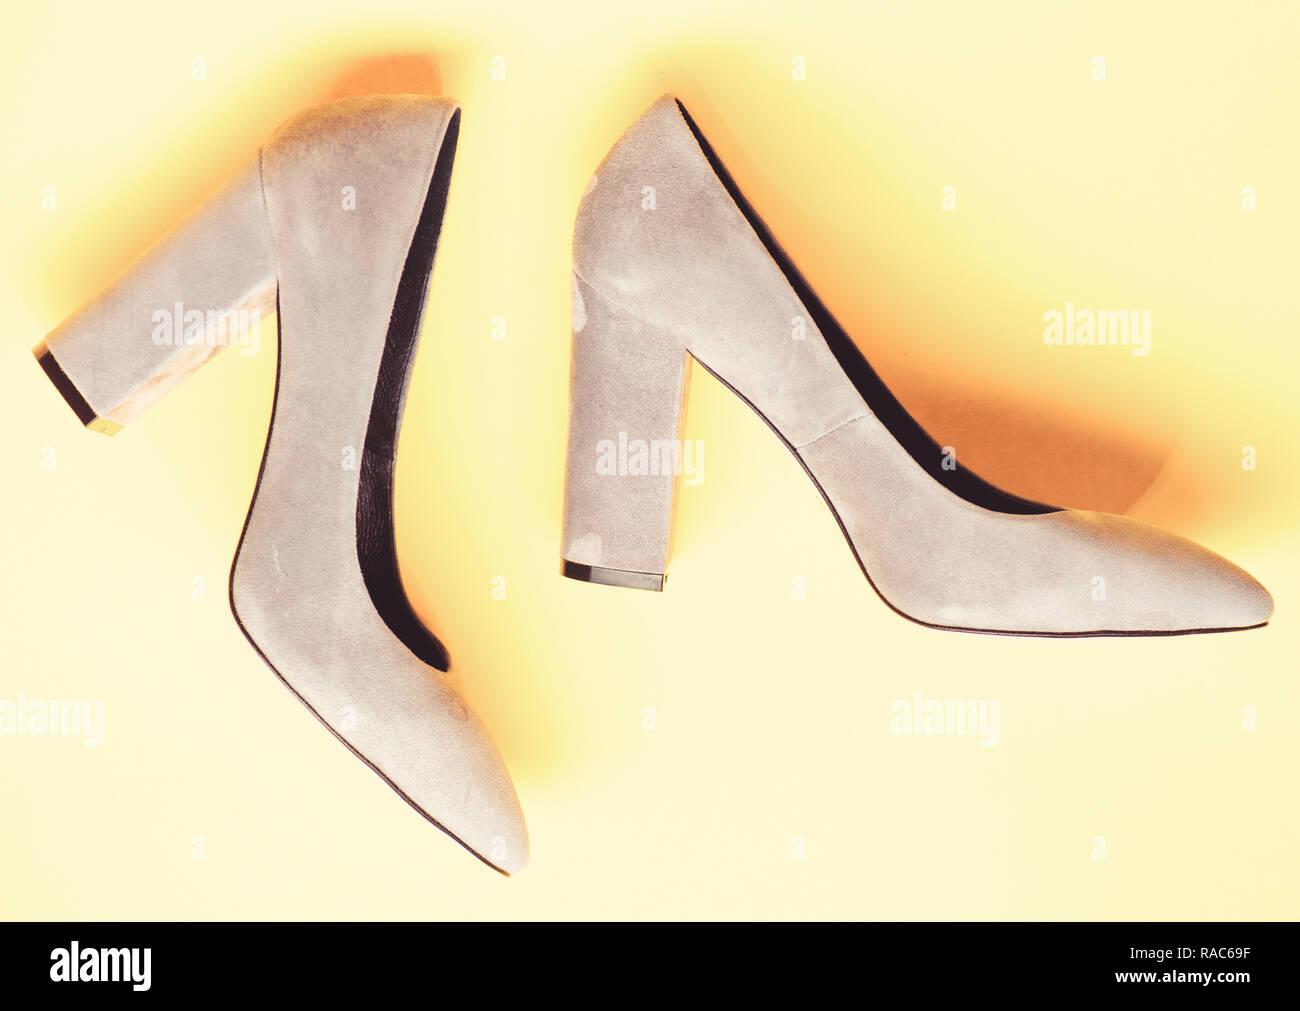 Scarpe Con I Tacchi Alti Scarpe Col Tacco Immagini e Fotos